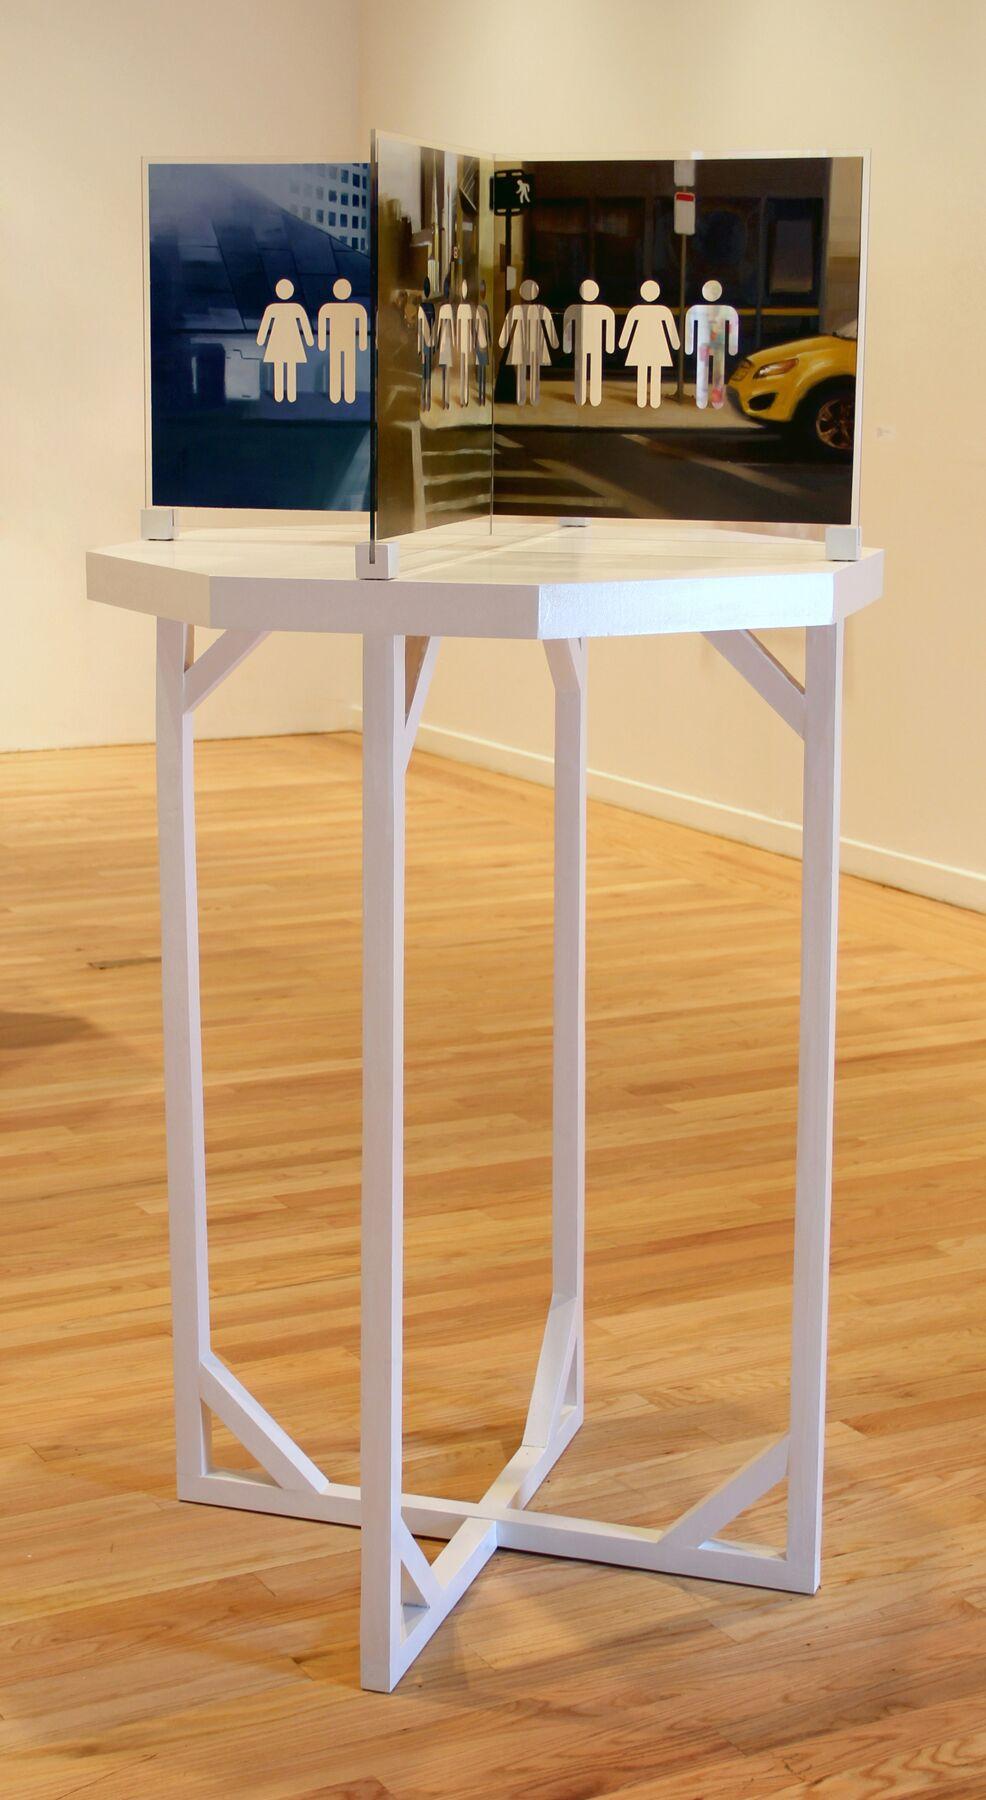 Sammy Chong, Endless , mixed media on plexiglass,36 x 36 x 72,$5,800